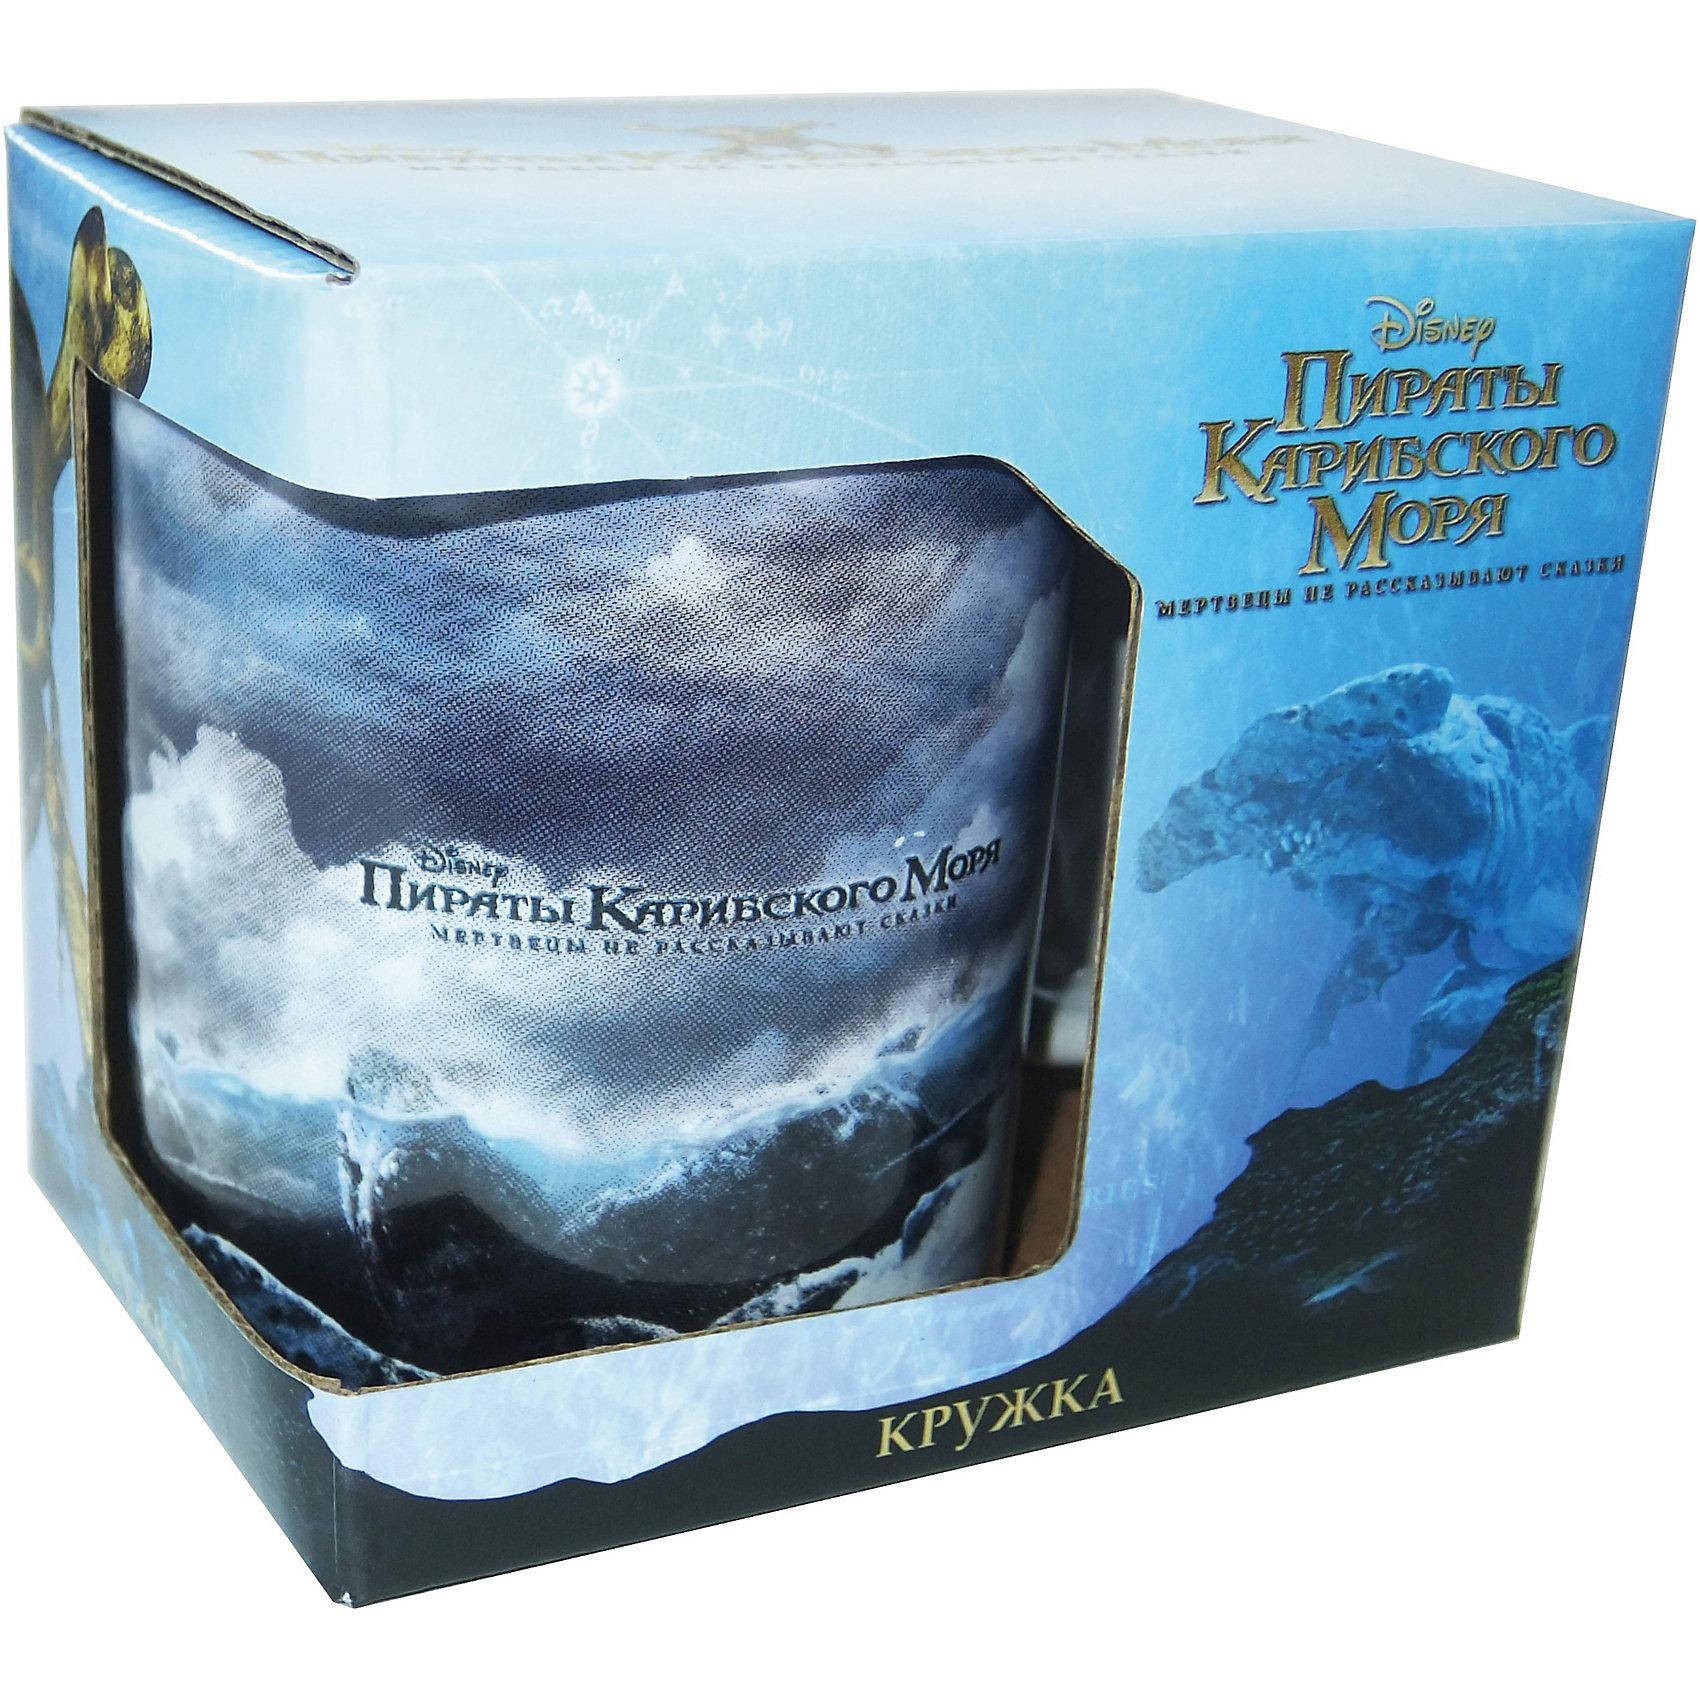 Кружка  Пираты Карибского Моря. Морской разбойник в подарочной упаковке, 500 мл., DisneyПосуда<br>Характеристики:<br><br>• Материал: керамика<br>• Тематика рисунка: Пираты Карибского моря<br>• Можно использовать для горячих и холодных напитков<br>• Объем: 500 мл<br>• Вес: 530 г <br>• Упаковка: подарочная картонная коробка<br>• Размеры (Д*Ш*В): 12*8,2*9,5 см<br>• Особенности ухода: можно мыть в посудомоечной машине<br><br>Кружка Пираты Карибского моря. Морской разбойник в подарочной упаковке, 500 мл., Disney выполнена в стильном дизайне: на белый корпус нанесено изображение капитана Джека Воробья на фоне морской бури. Изображение устойчиво к появлению царапин, не выцветает при частом мытье.<br><br>Кружку Пираты Карибского моря. Морской разбойник в подарочной упаковке, 500 мл., Disney можно купить в нашем интернет-магазине.<br><br>Ширина мм: 120<br>Глубина мм: 82<br>Высота мм: 95<br>Вес г: 530<br>Возраст от месяцев: 36<br>Возраст до месяцев: 1188<br>Пол: Унисекс<br>Возраст: Детский<br>SKU: 6849952